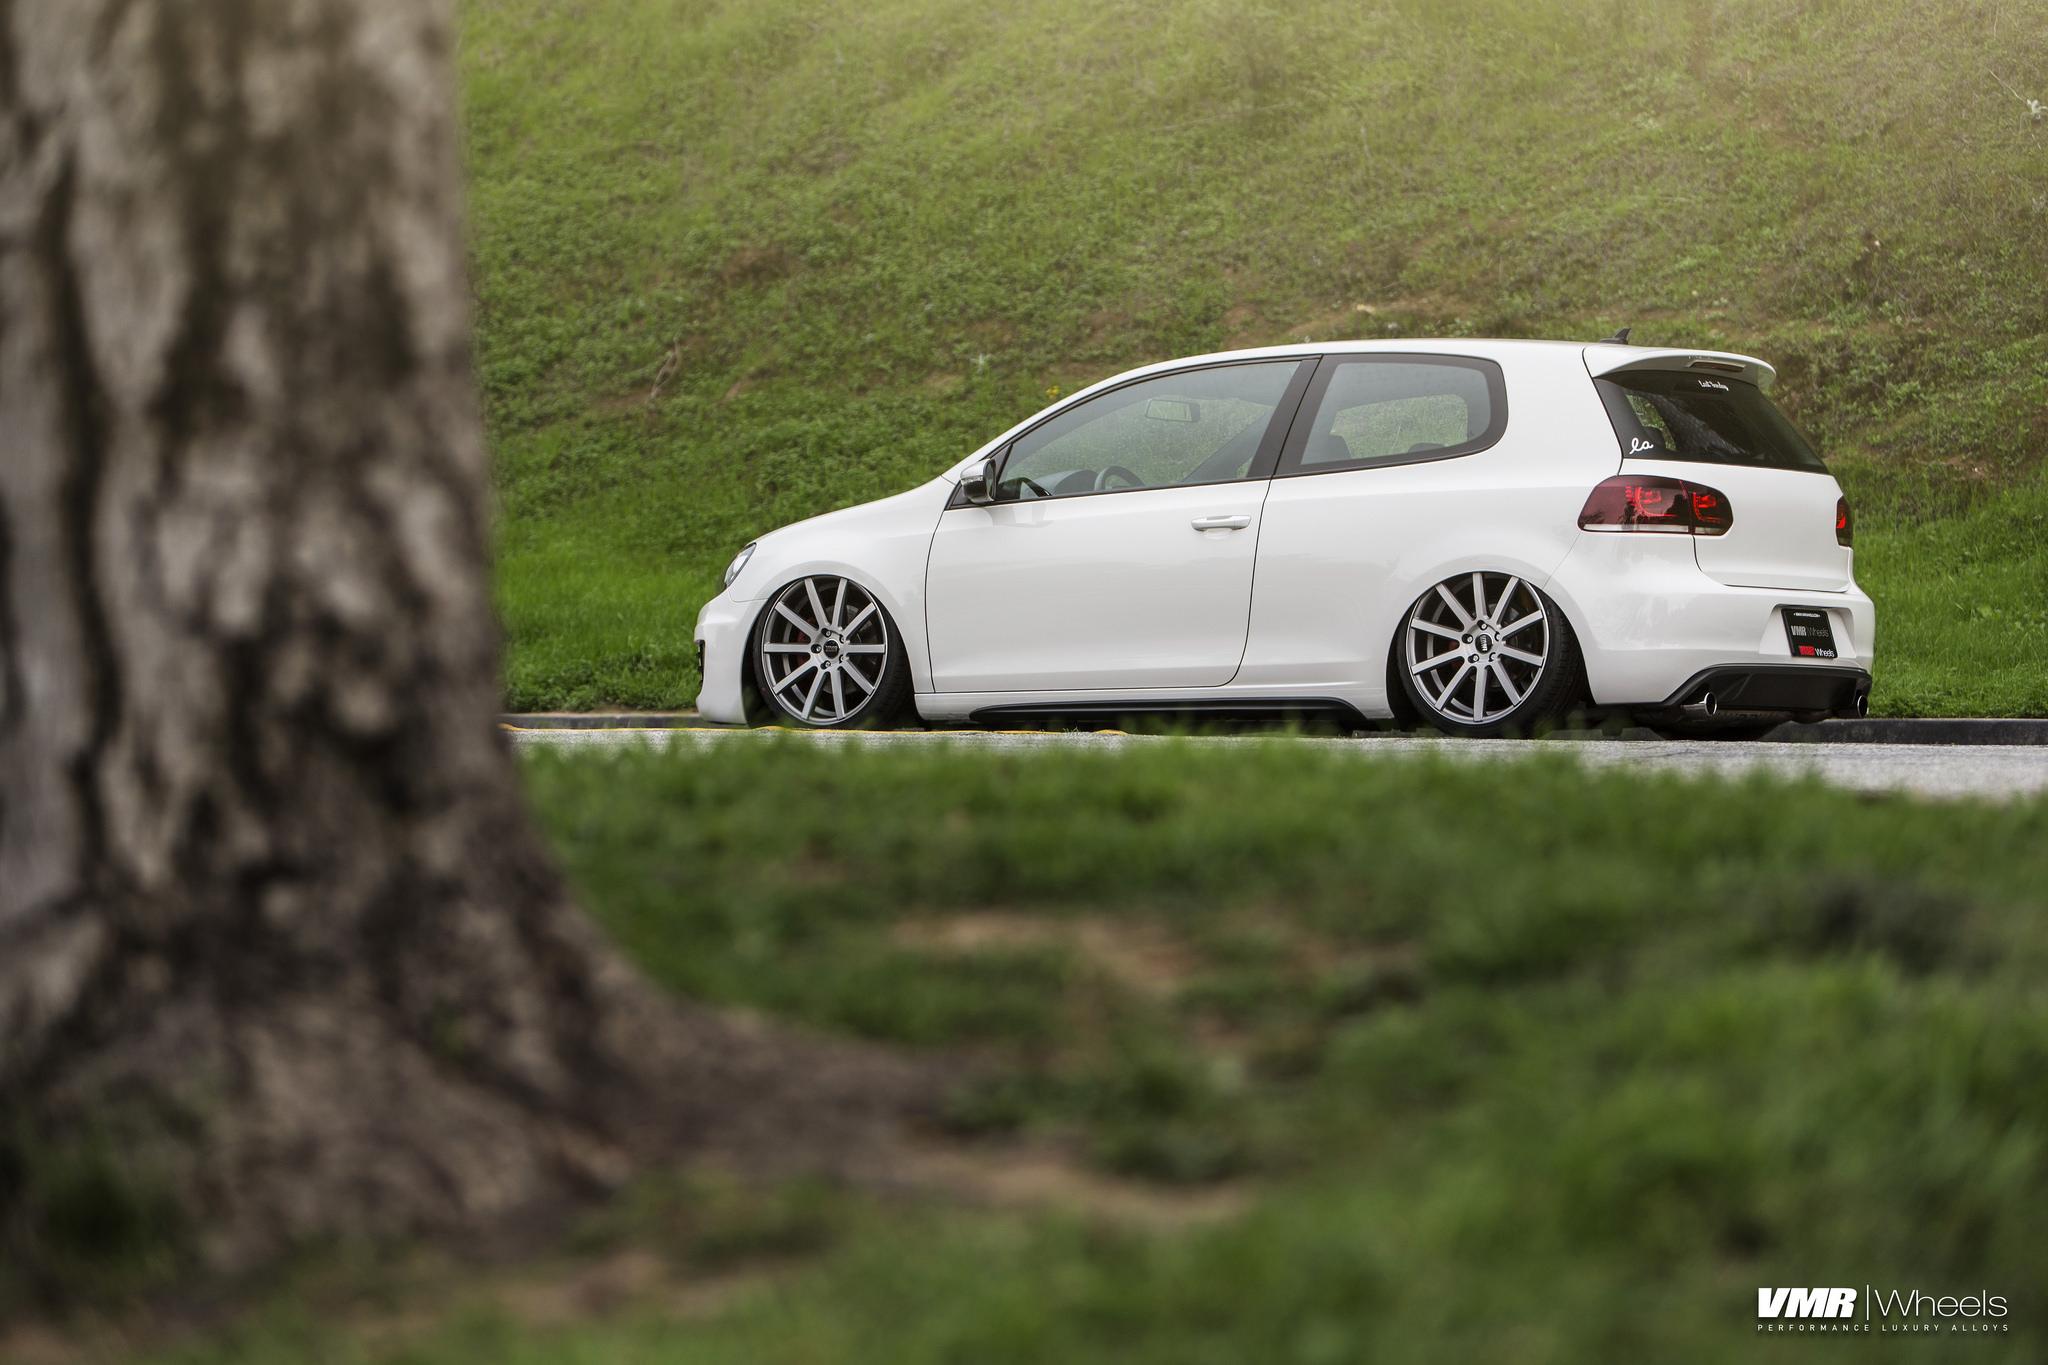 19043369314 01e82ae266 k VW MK6 GTI candy whitewith 19″ V702 matte hyper silver